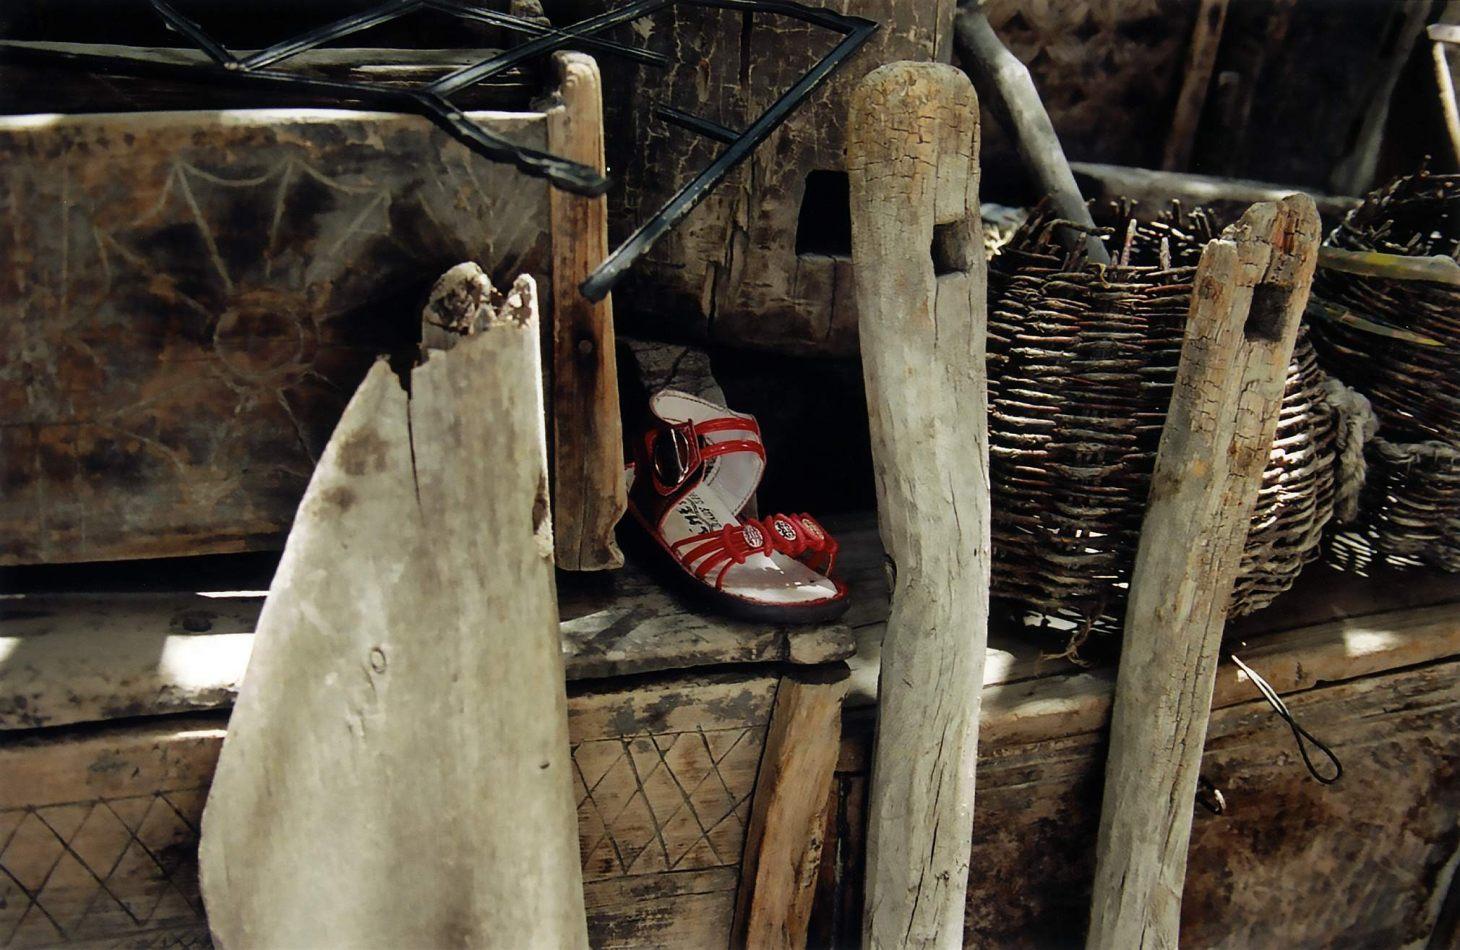 Anthony Ellis Photography: Zindabad - The Red Sandal